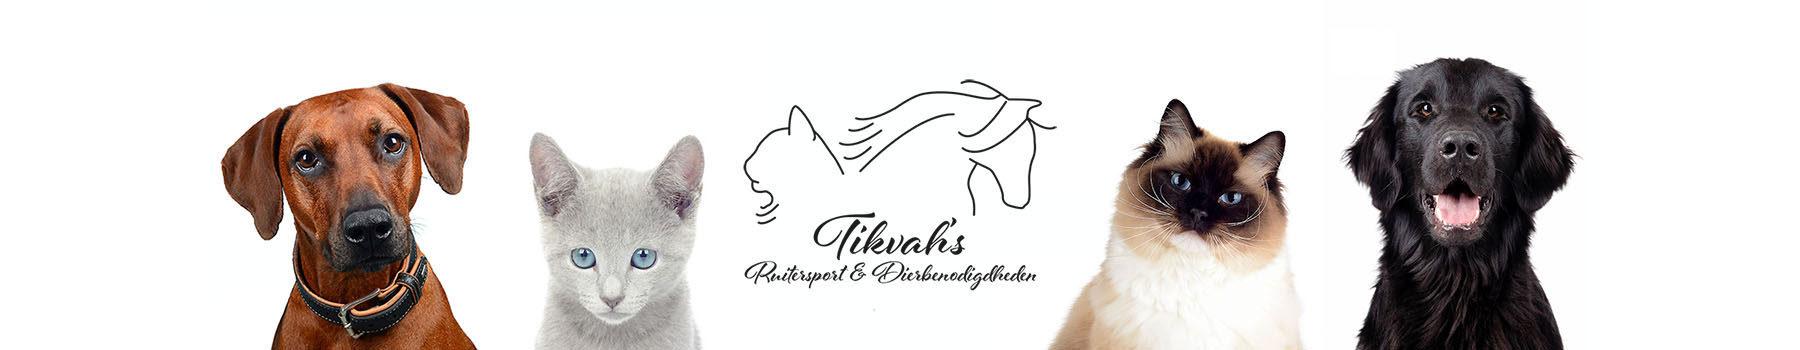 Tikvah's Ruitersport & Dierbenodigdheden